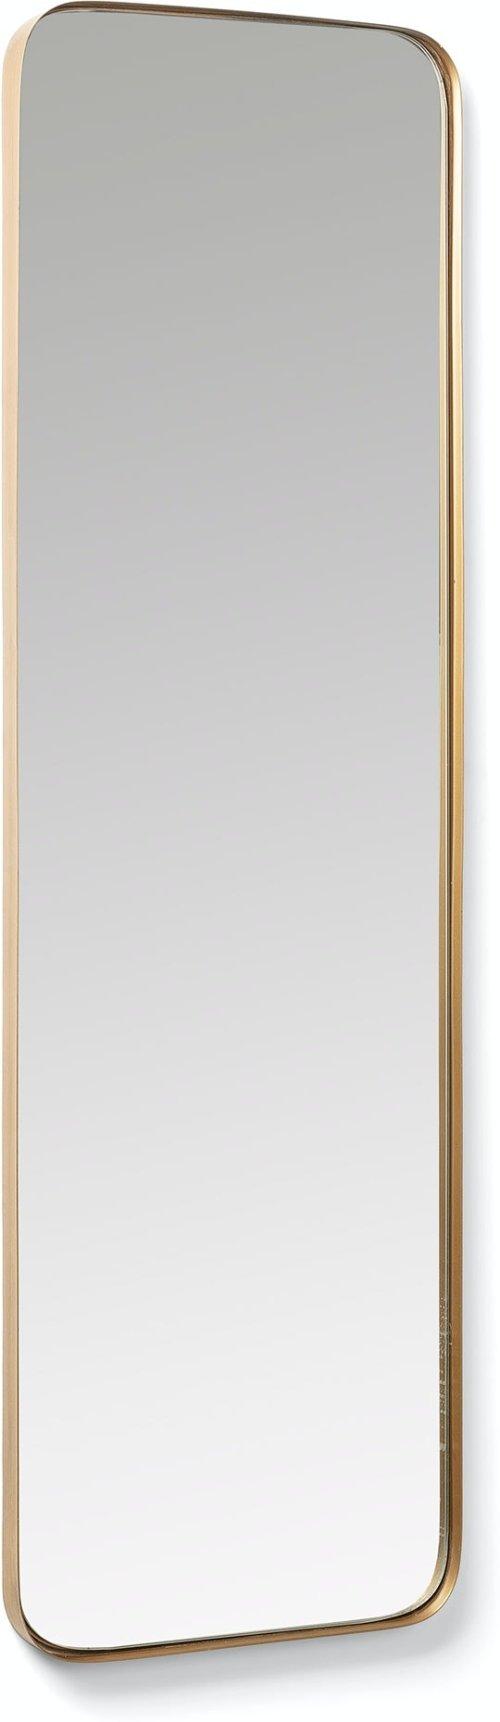 På billedet ser du variationen Marco, Vægspejl fra brandet LaForma i en størrelse H: 100 cm. B: 30 cm. L: 3 cm. i farven Guld